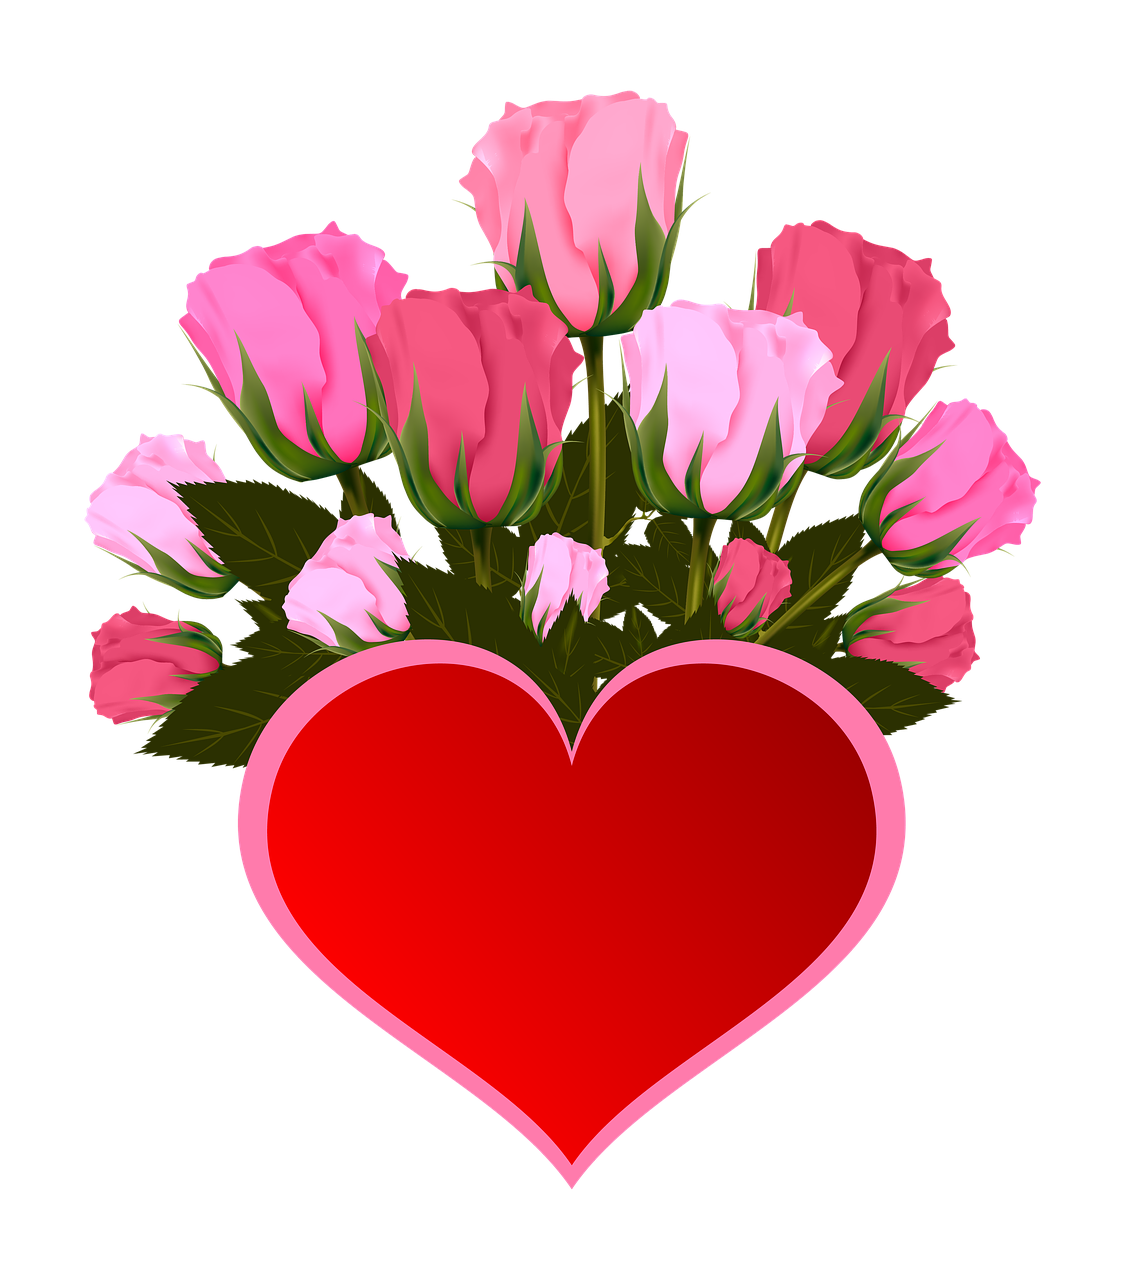 Gratis billede på Pixabay.